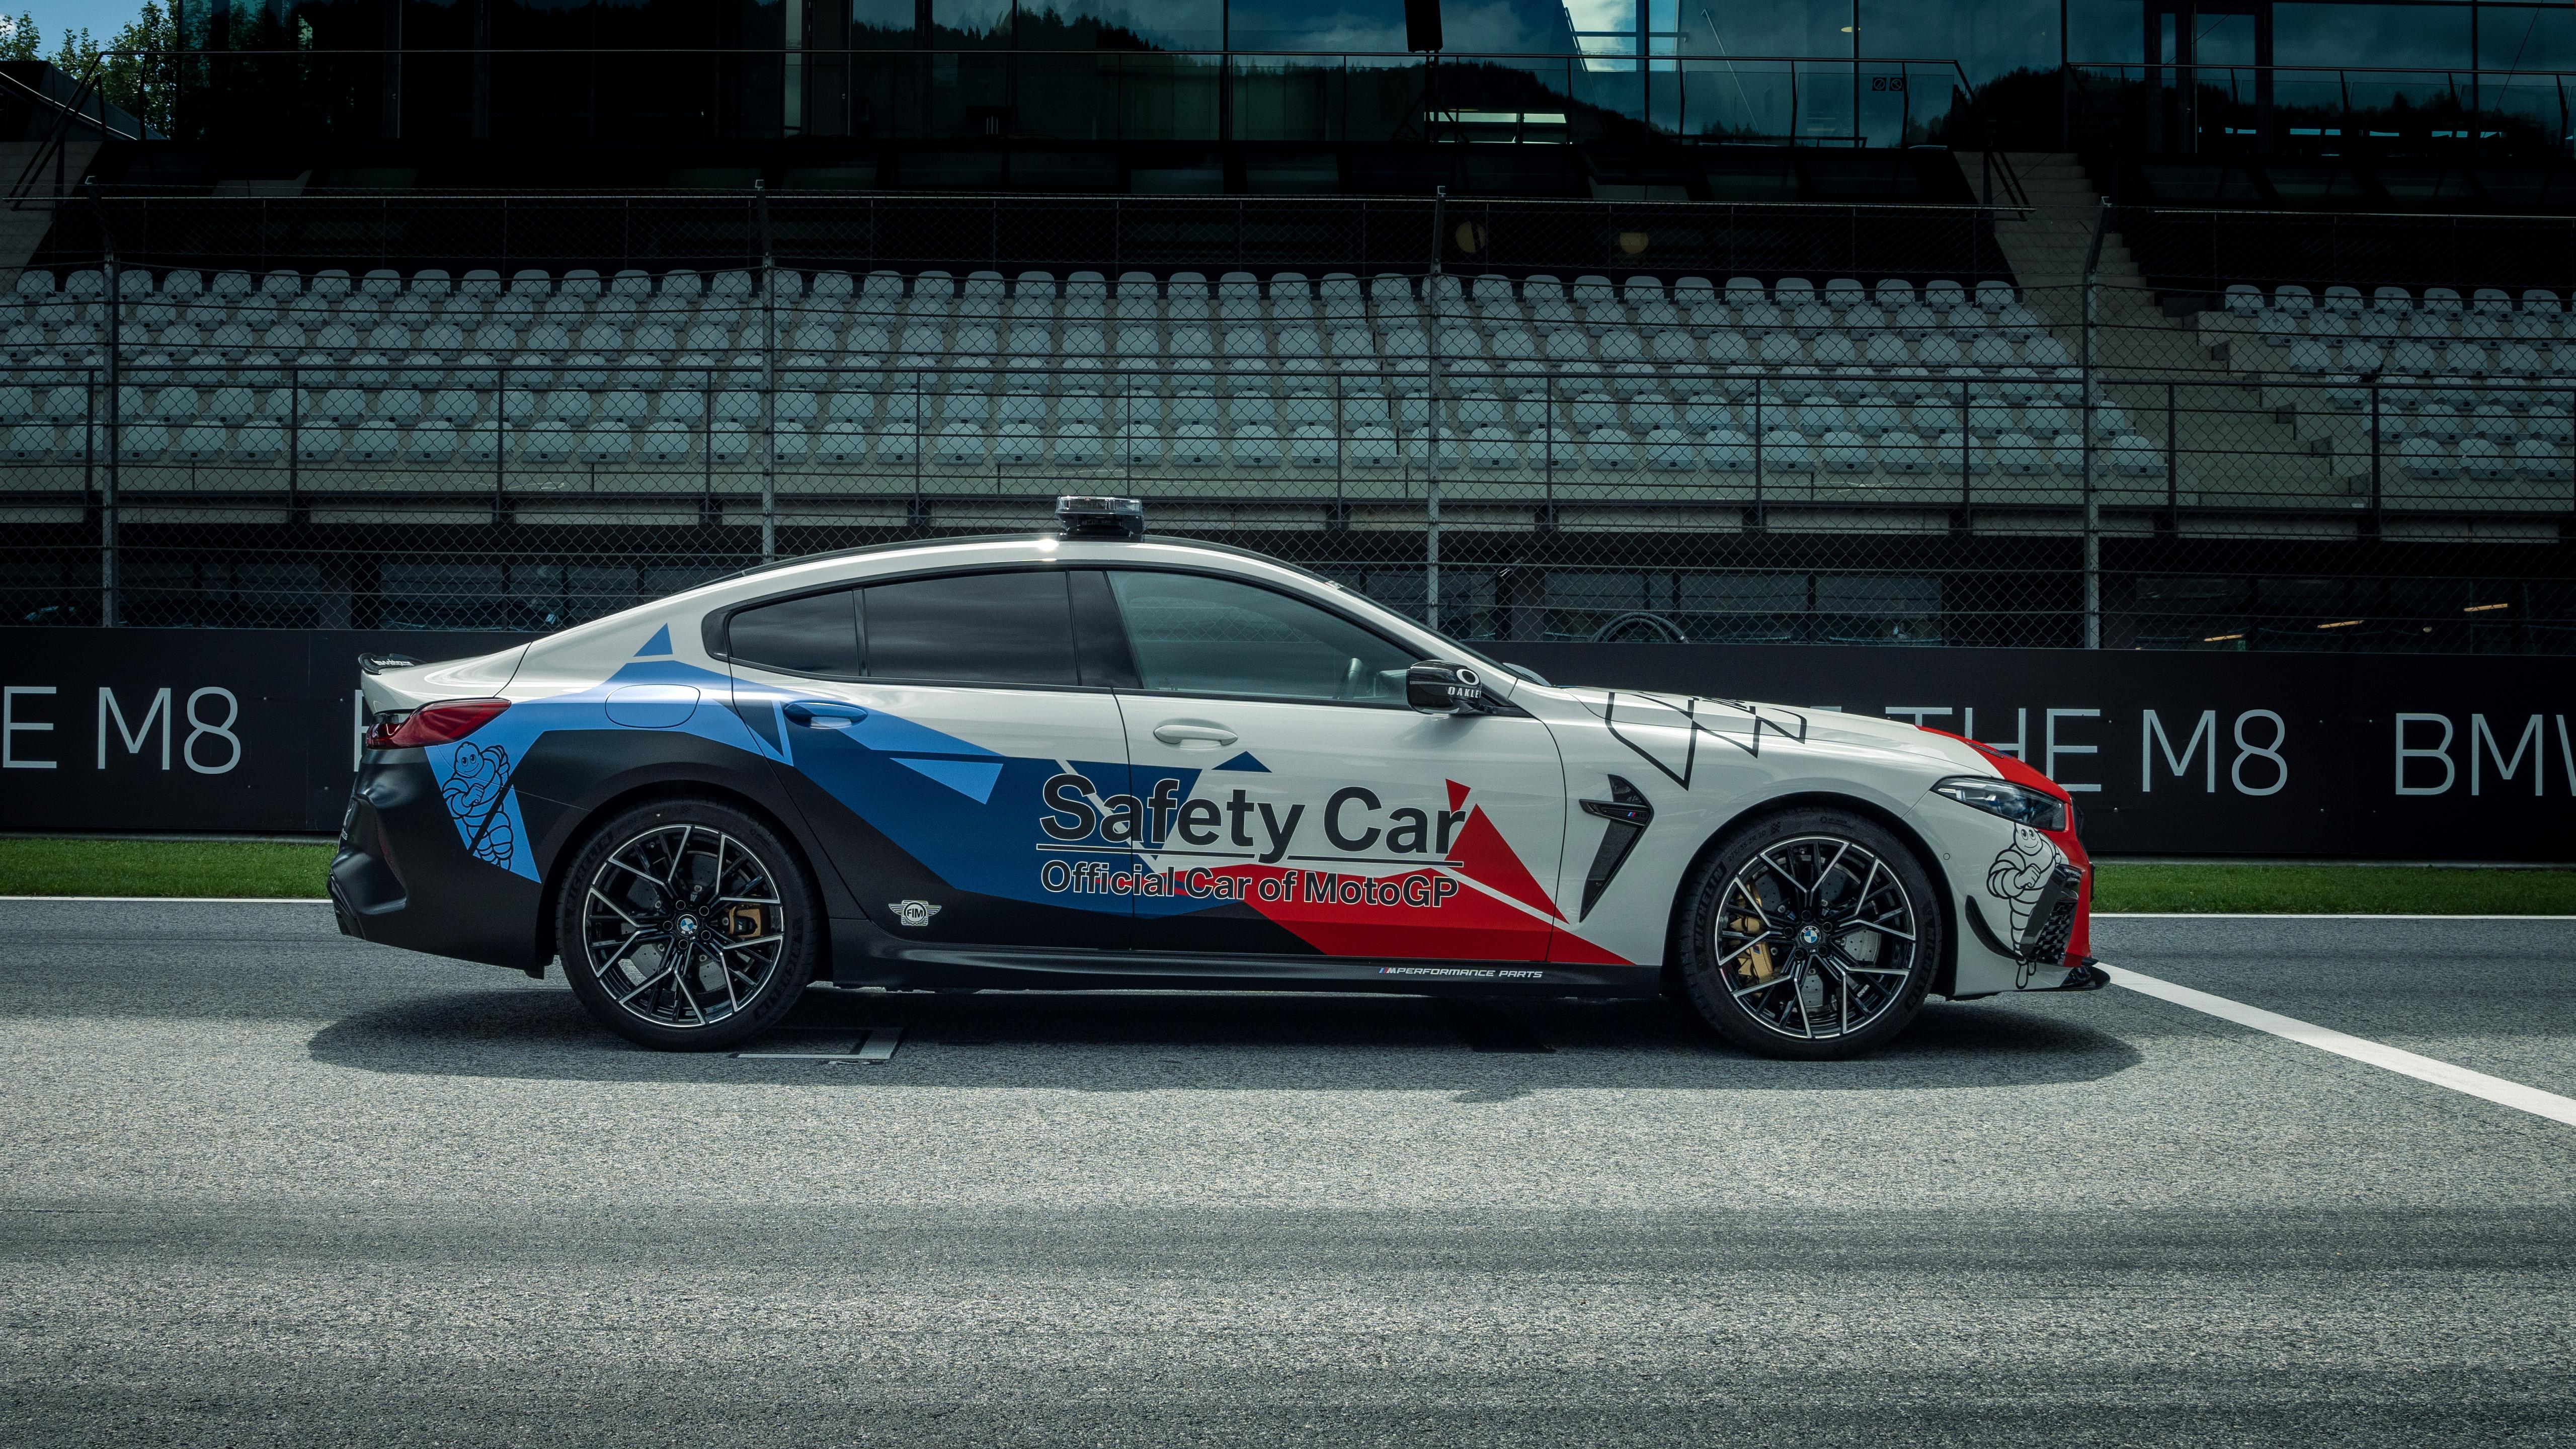 bmw m8 competition gran coupé motogp safety car 2020 5k